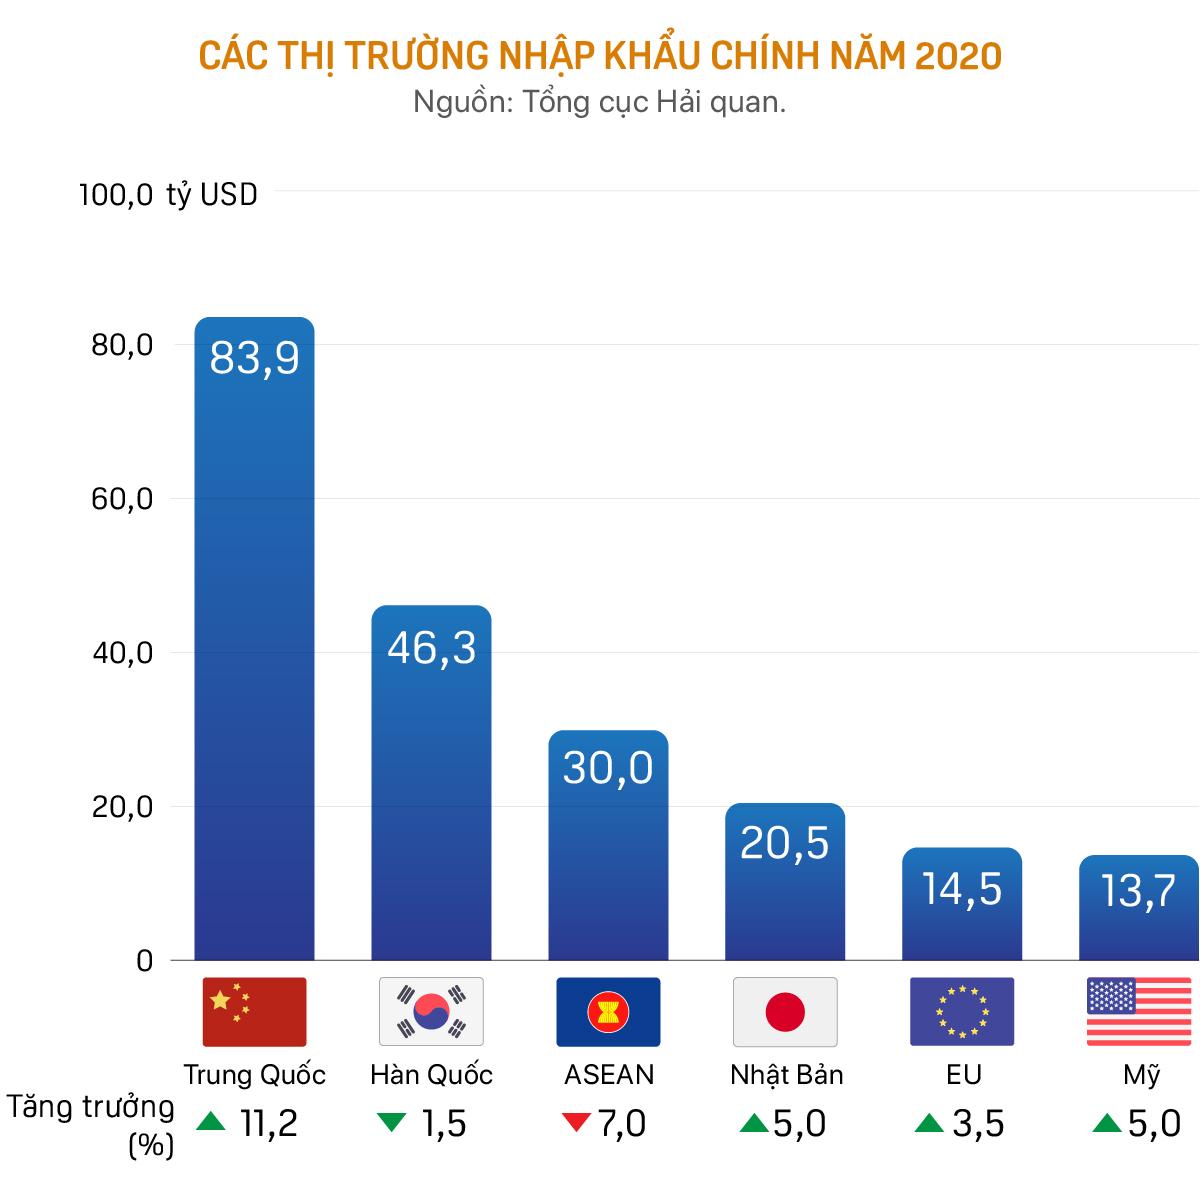 Vì sao Việt Nam vẫn xuất siêu kỷ lục bất chấp dịch COVID-19? - Ảnh 4.